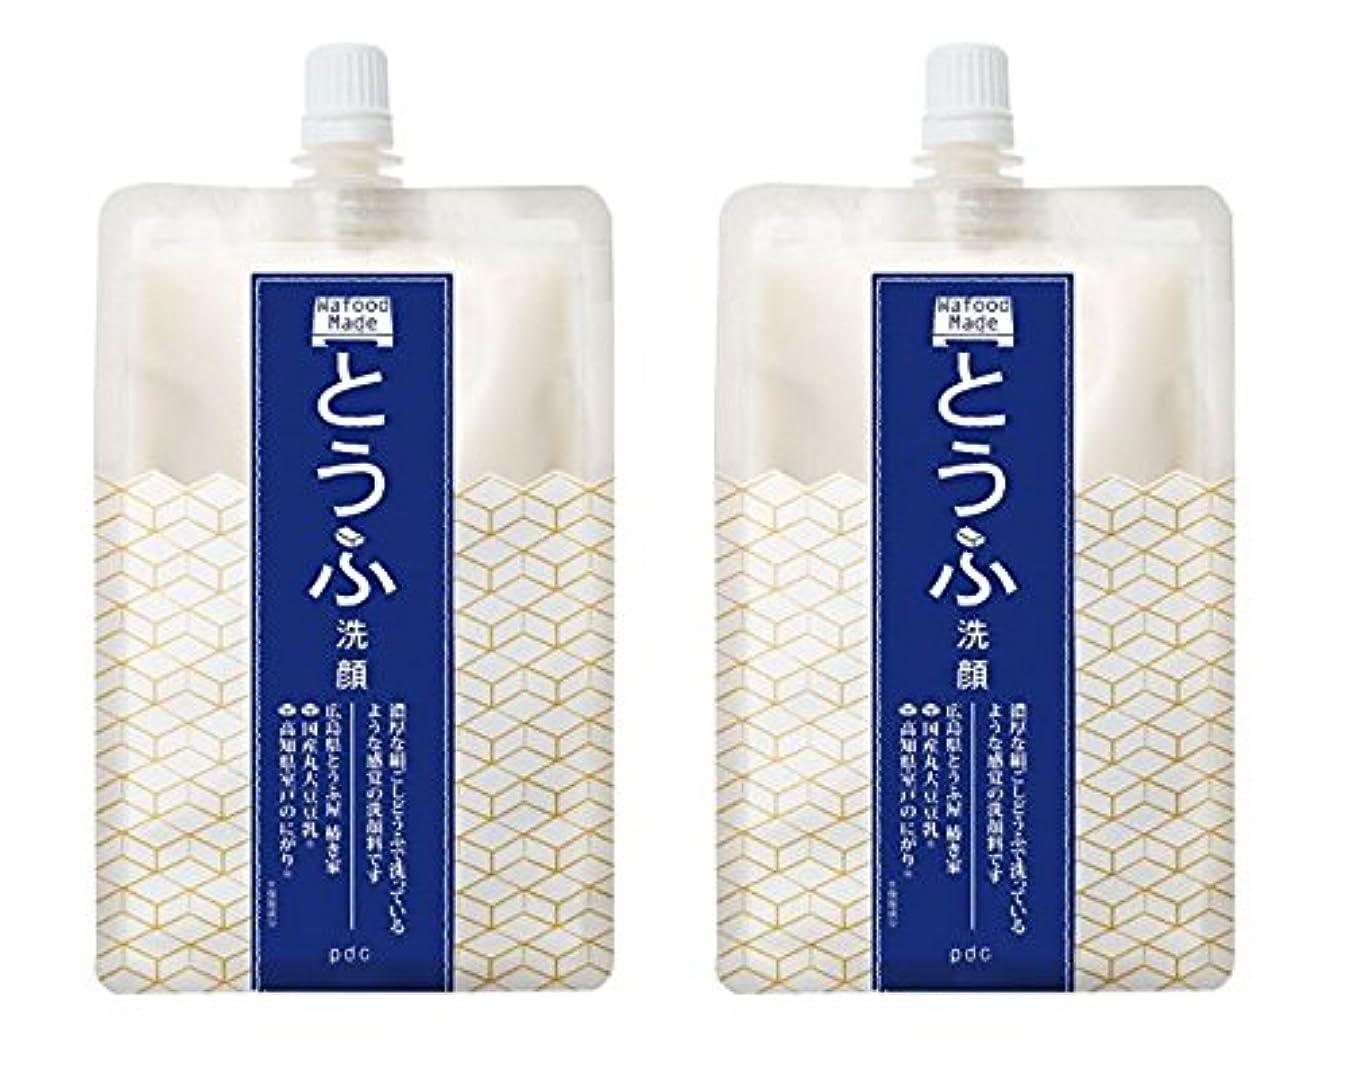 隠す適用する致命的な【2個セット】ワフードメイド とうふ洗顔 170g×2個